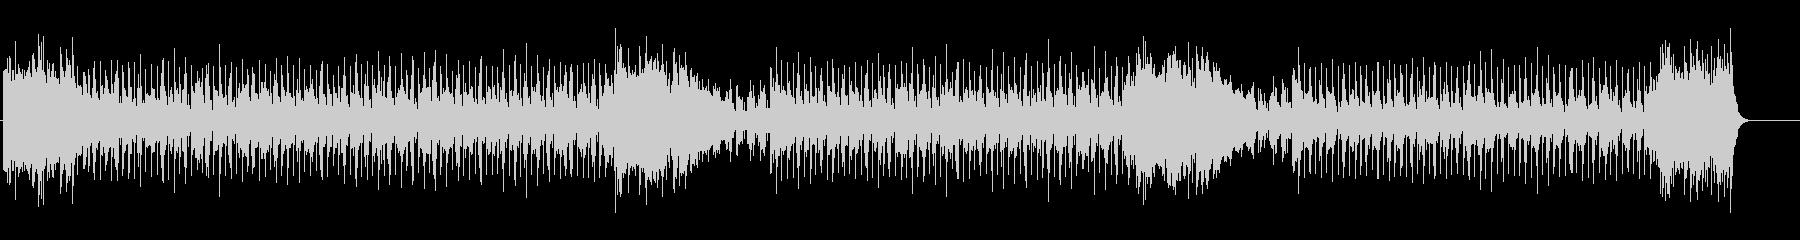 ファンキー・ホーン・セクションの未再生の波形